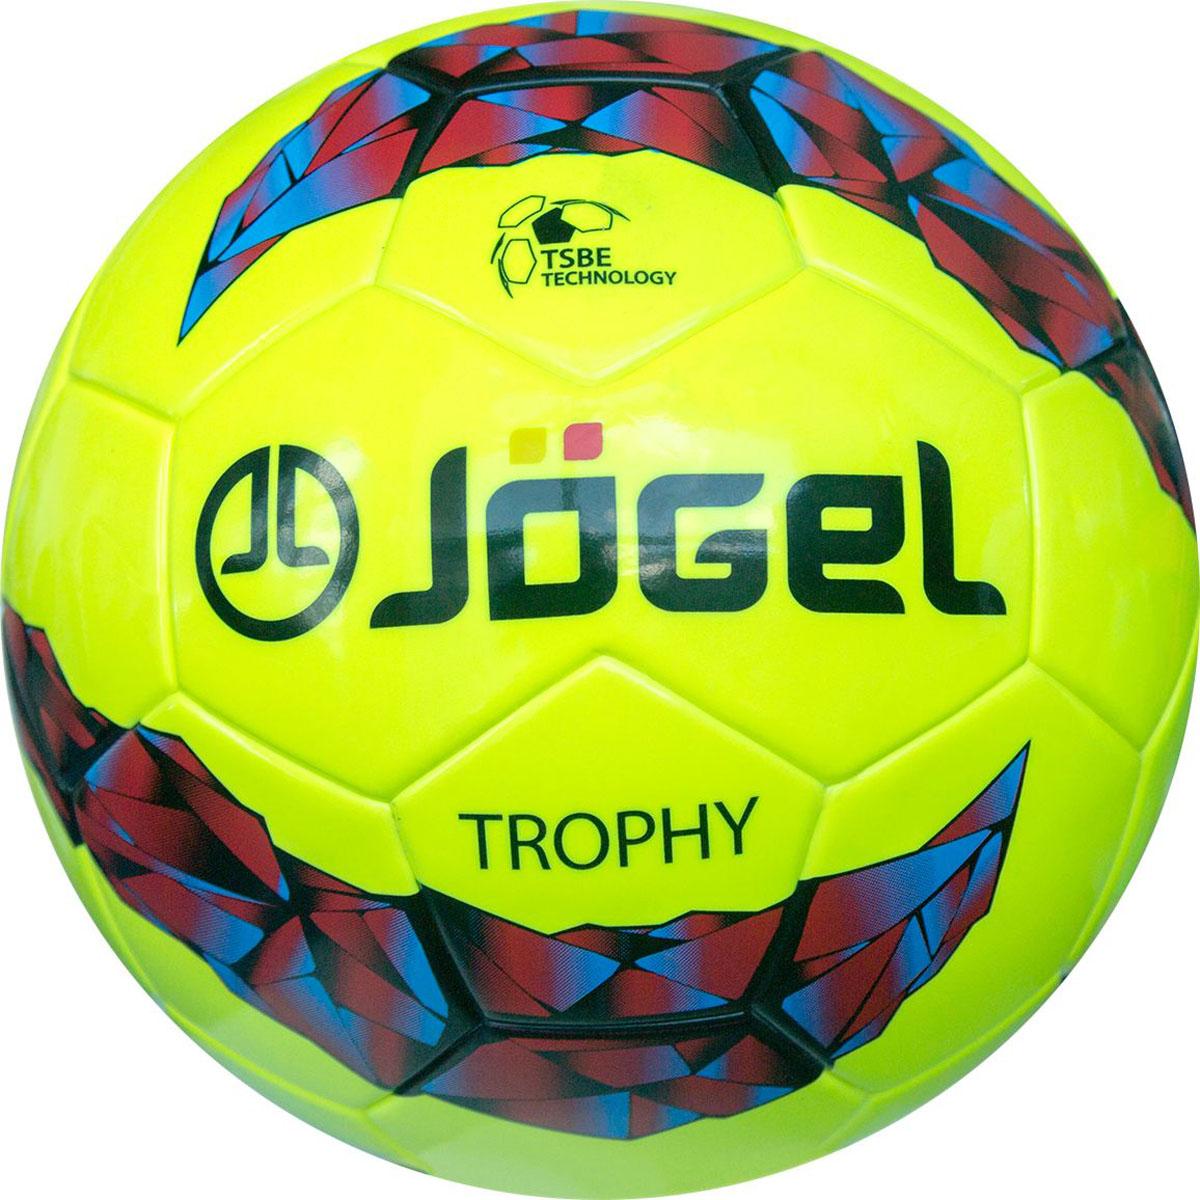 Мяч футбольный Jogel Trophy, цвет: белый. Размер 5. JS-900УТ-00009337Название: Мяч футбольный Jgel JS-900 Trophy №5Категория: Матчевый мячКоллекция: 2016/2017Описание: Jogel JS-900 Trophy футбольный мяч матчевого уровня, сделанный по бесшовной технологии термосклеивания (термосшивка). Благодаря этому, мяч обладает идеально круглой формой, герметичен и не пропускает влагу во внутрь, а давление в мяче распределяется равномерно. Поверхность мяча выполнена из глянцевой синтетической кожи (термополиуретан) толщиной 3.0 мм неоново-желтого цвета, обеспечивающего прекрасную видимость мяча в любую погоду. Мяч оснащен бутиловой камерой, армированной синтетической нитью, благодаря чему обеспечивается отличный баланс и долгое сохранение воздуха в камере. Данный мяч поставляется с завода-изготовителя в приспущенном состоянии для безопасной транспортировки и хранения. Рекомендован для тренировок и соревнований команд высокого уровня.Уникальной особенностью, характерной для бренда Jogel, является традиционная конструкция мячей из 30 панелей. Привлекательный дизайн Коллекции 2016/2017 ярко выделяет мячи Jogel на витрине. Данный мяч подходит для поставок на гос. тендеры. Официальный размер и вес FIFA.Рекомендованные покрытия: натуральный газон, синтетическая трава Материал поверхности: Синтетическая кожа (термополиуретан) толщиной 3.0 ммМатериал камеры: БутилТип соединения панелей: Термосклеивание (термосшивка)Количество панелей: 30Размер: 5Вес: 410-450 грДлина окружности: 68-70 смРекомендованное давление: 0.6-0.8 барОсновной цвет: Неоново-желтый Дополнительный цвет: красный, голубой, черныйКоличество в коробке: 18 шт.Бренд: JogelСтрана бренда: ГерманияПроизводство: КНР